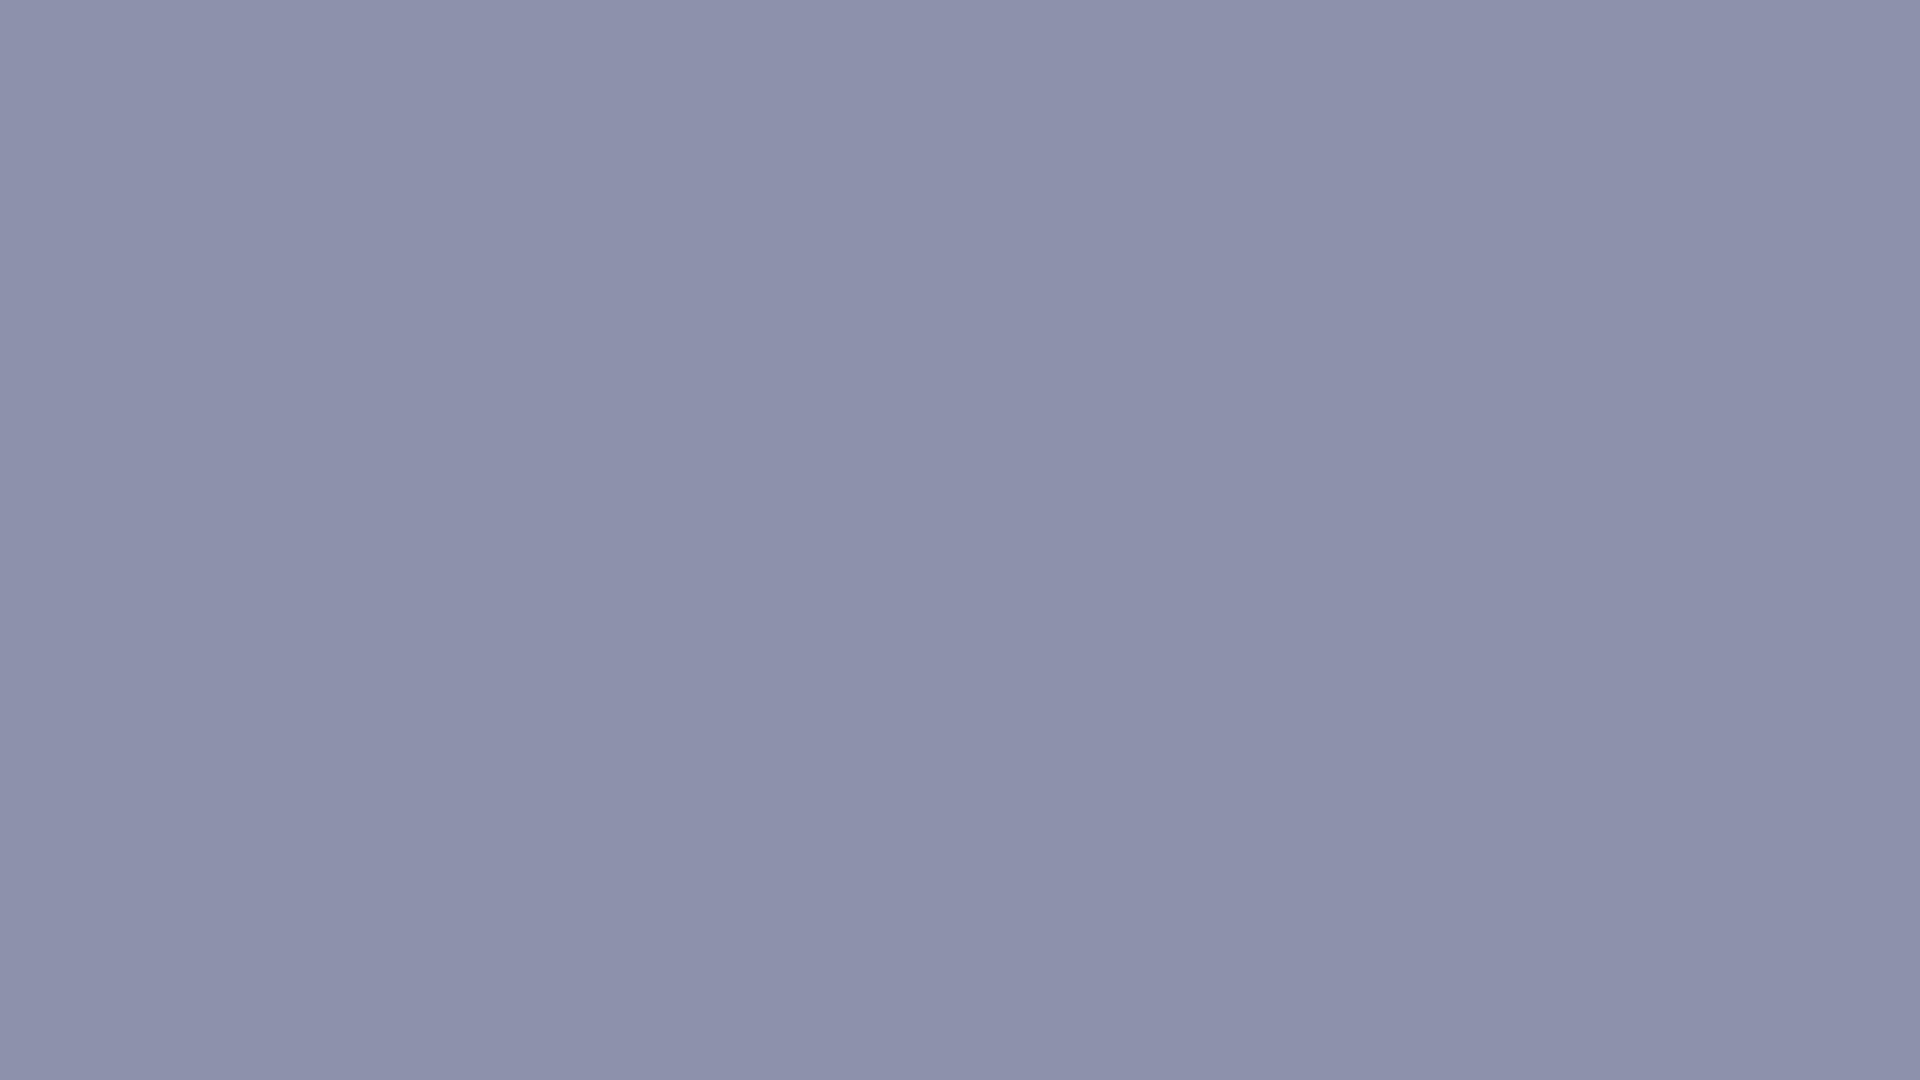 1920x1080 cool grey solid color background. Black Bedroom Furniture Sets. Home Design Ideas